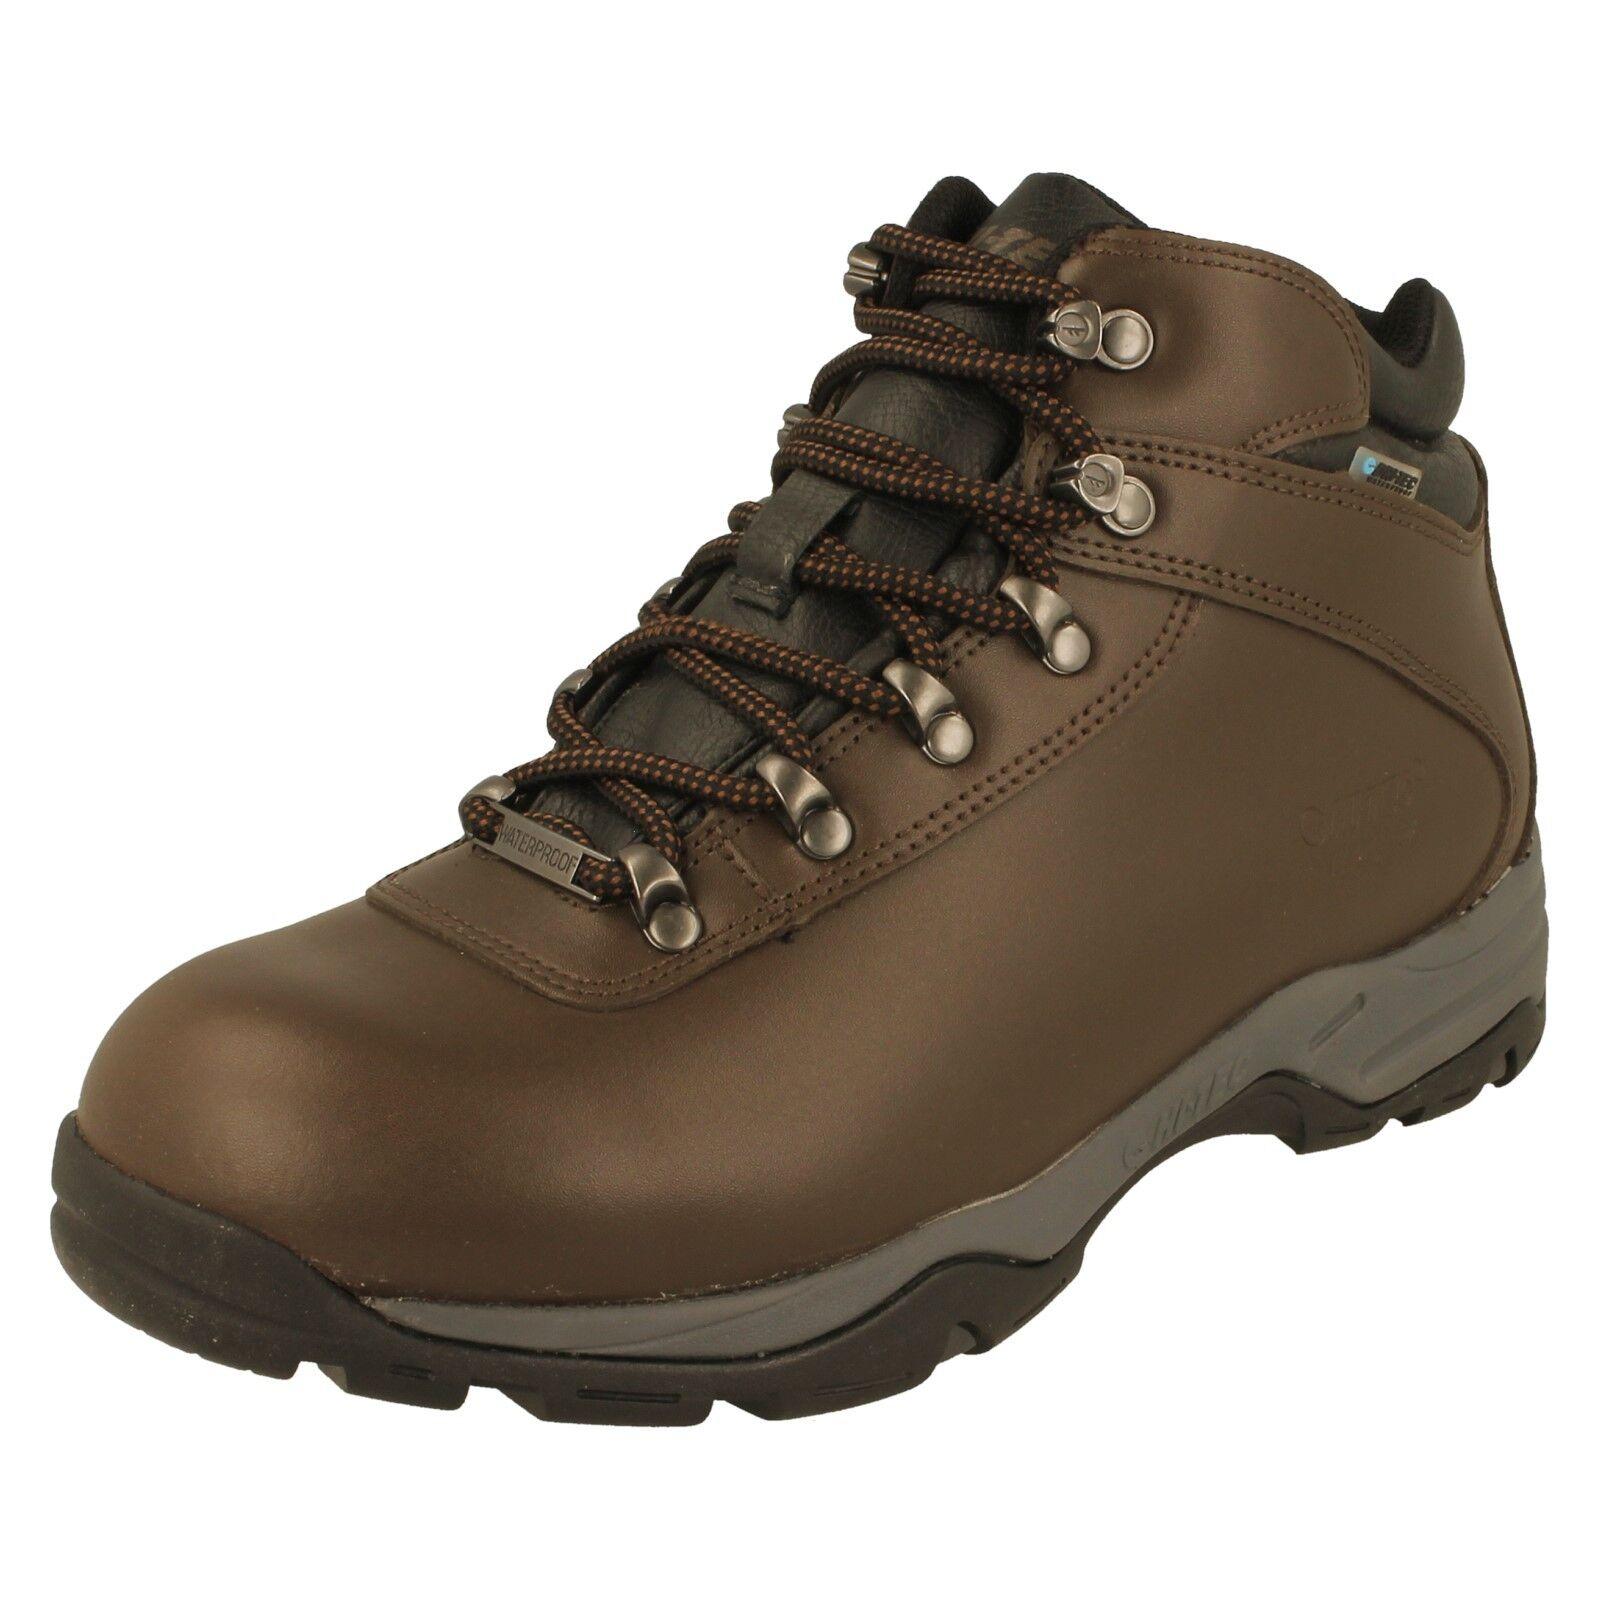 f5738476fe9 Ladies Walking Boots - EuroTrek III WP